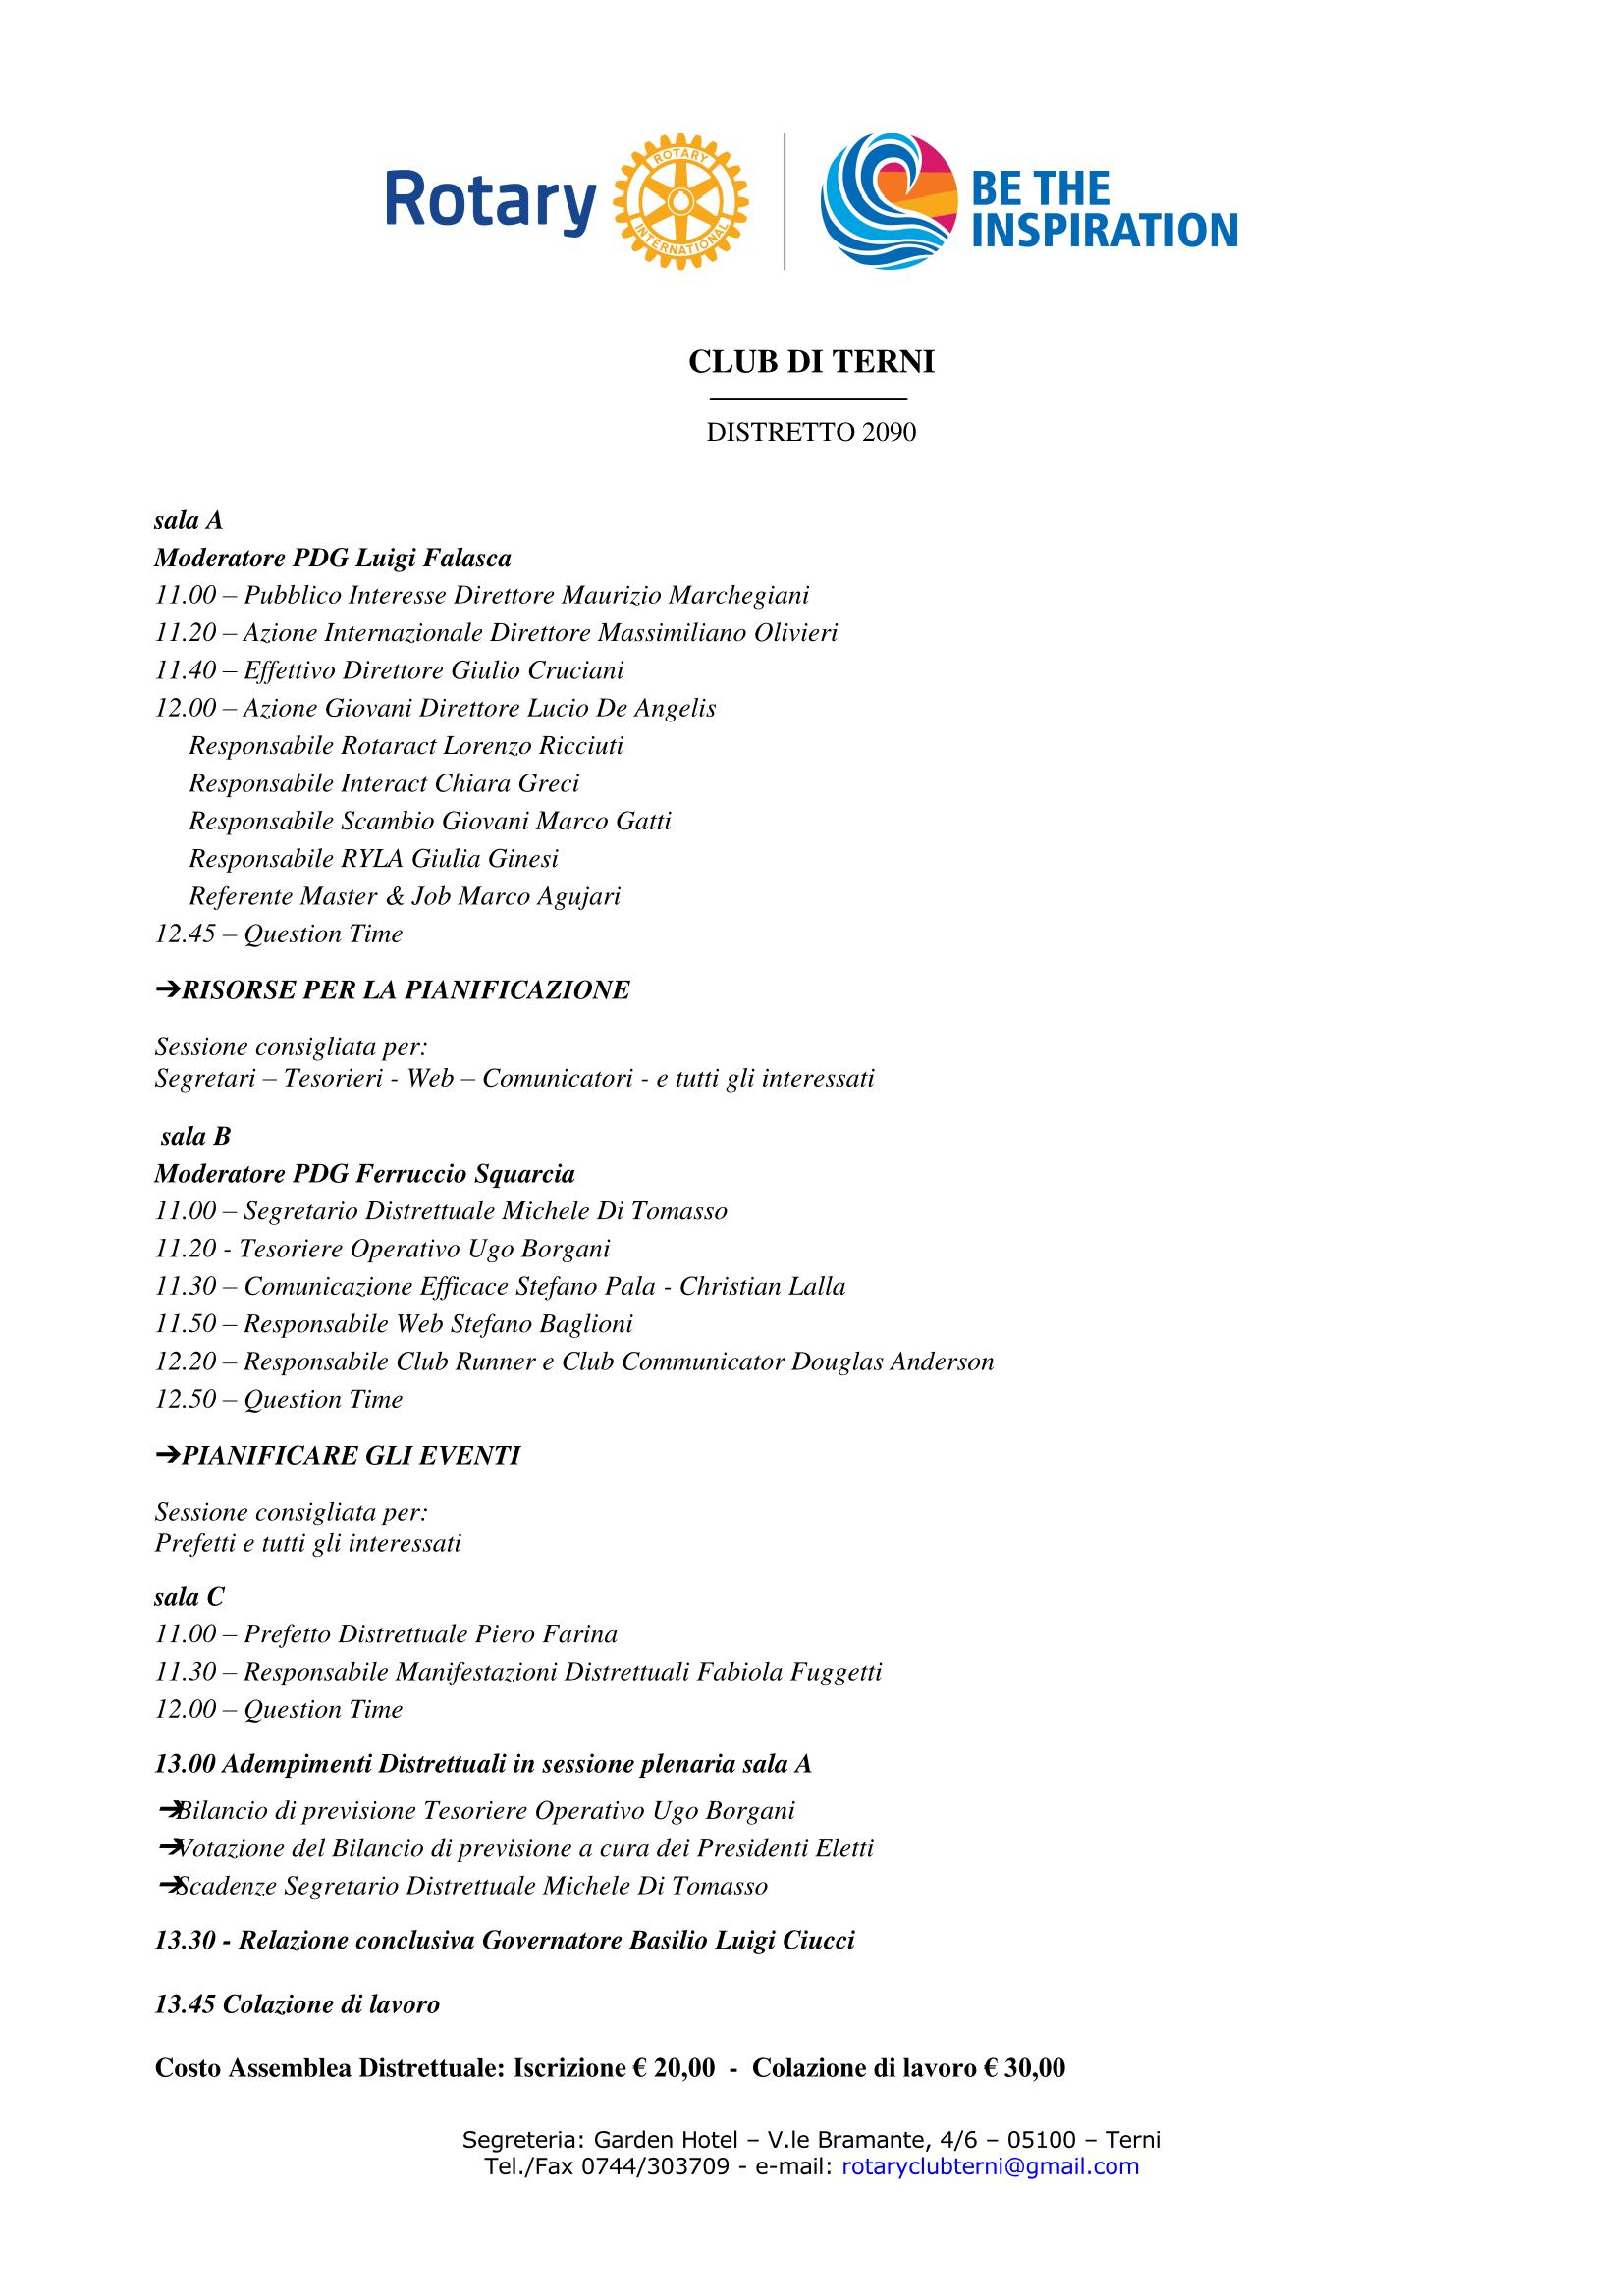 2019_05-RC Terni-Programma Maggio 2019_Page_12